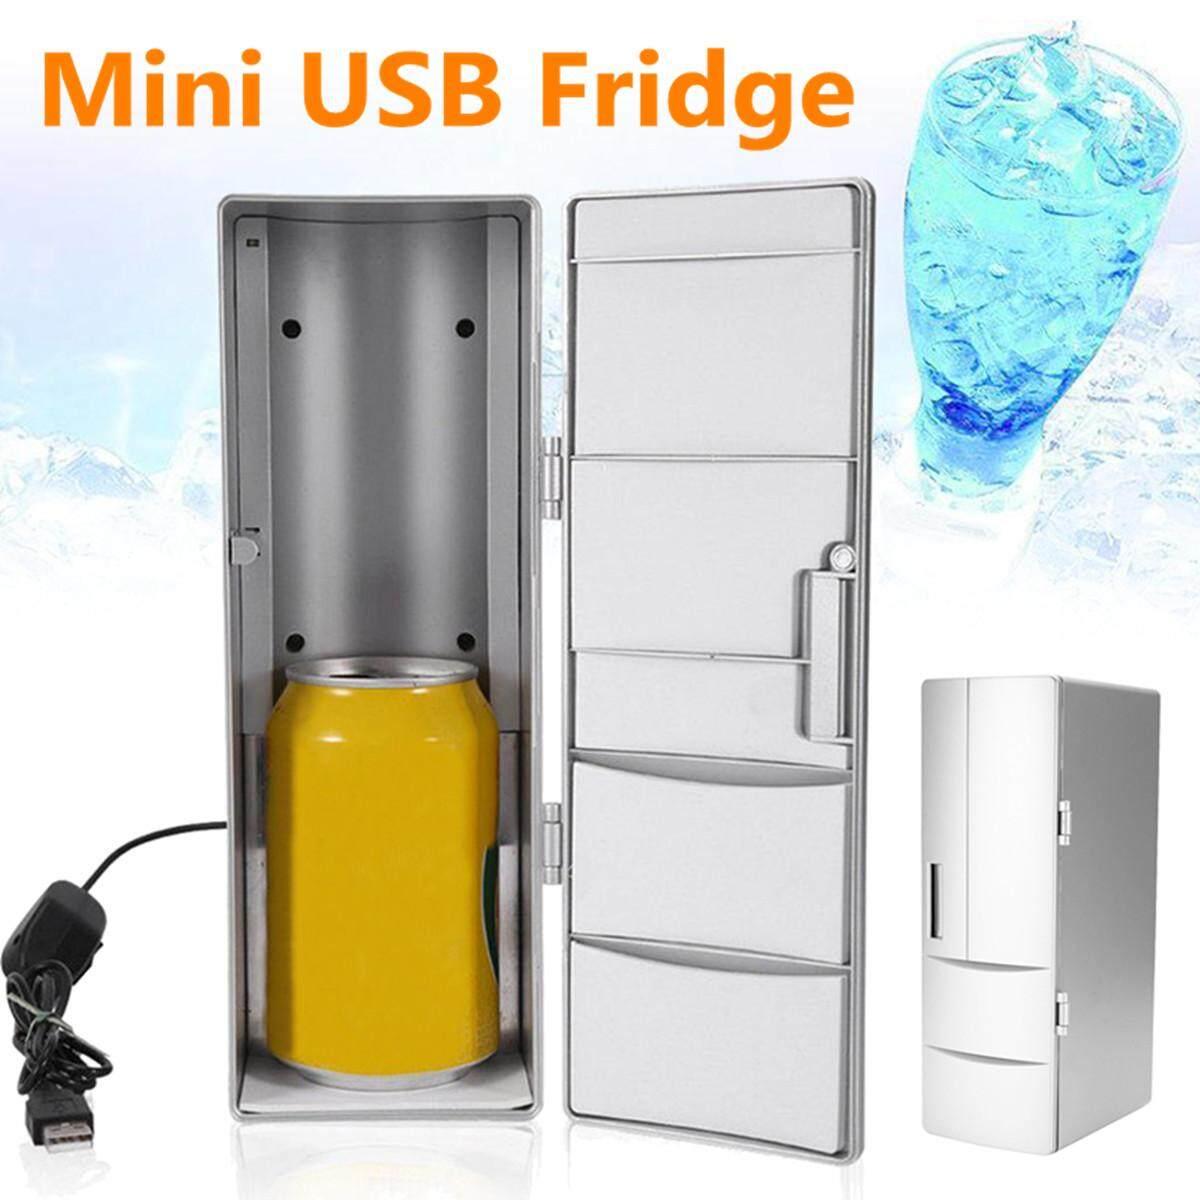 USB di động Mini Tủ Lạnh Tủ lạnh Đồ Uống Uống Có Thể Làm Mát Ấm H